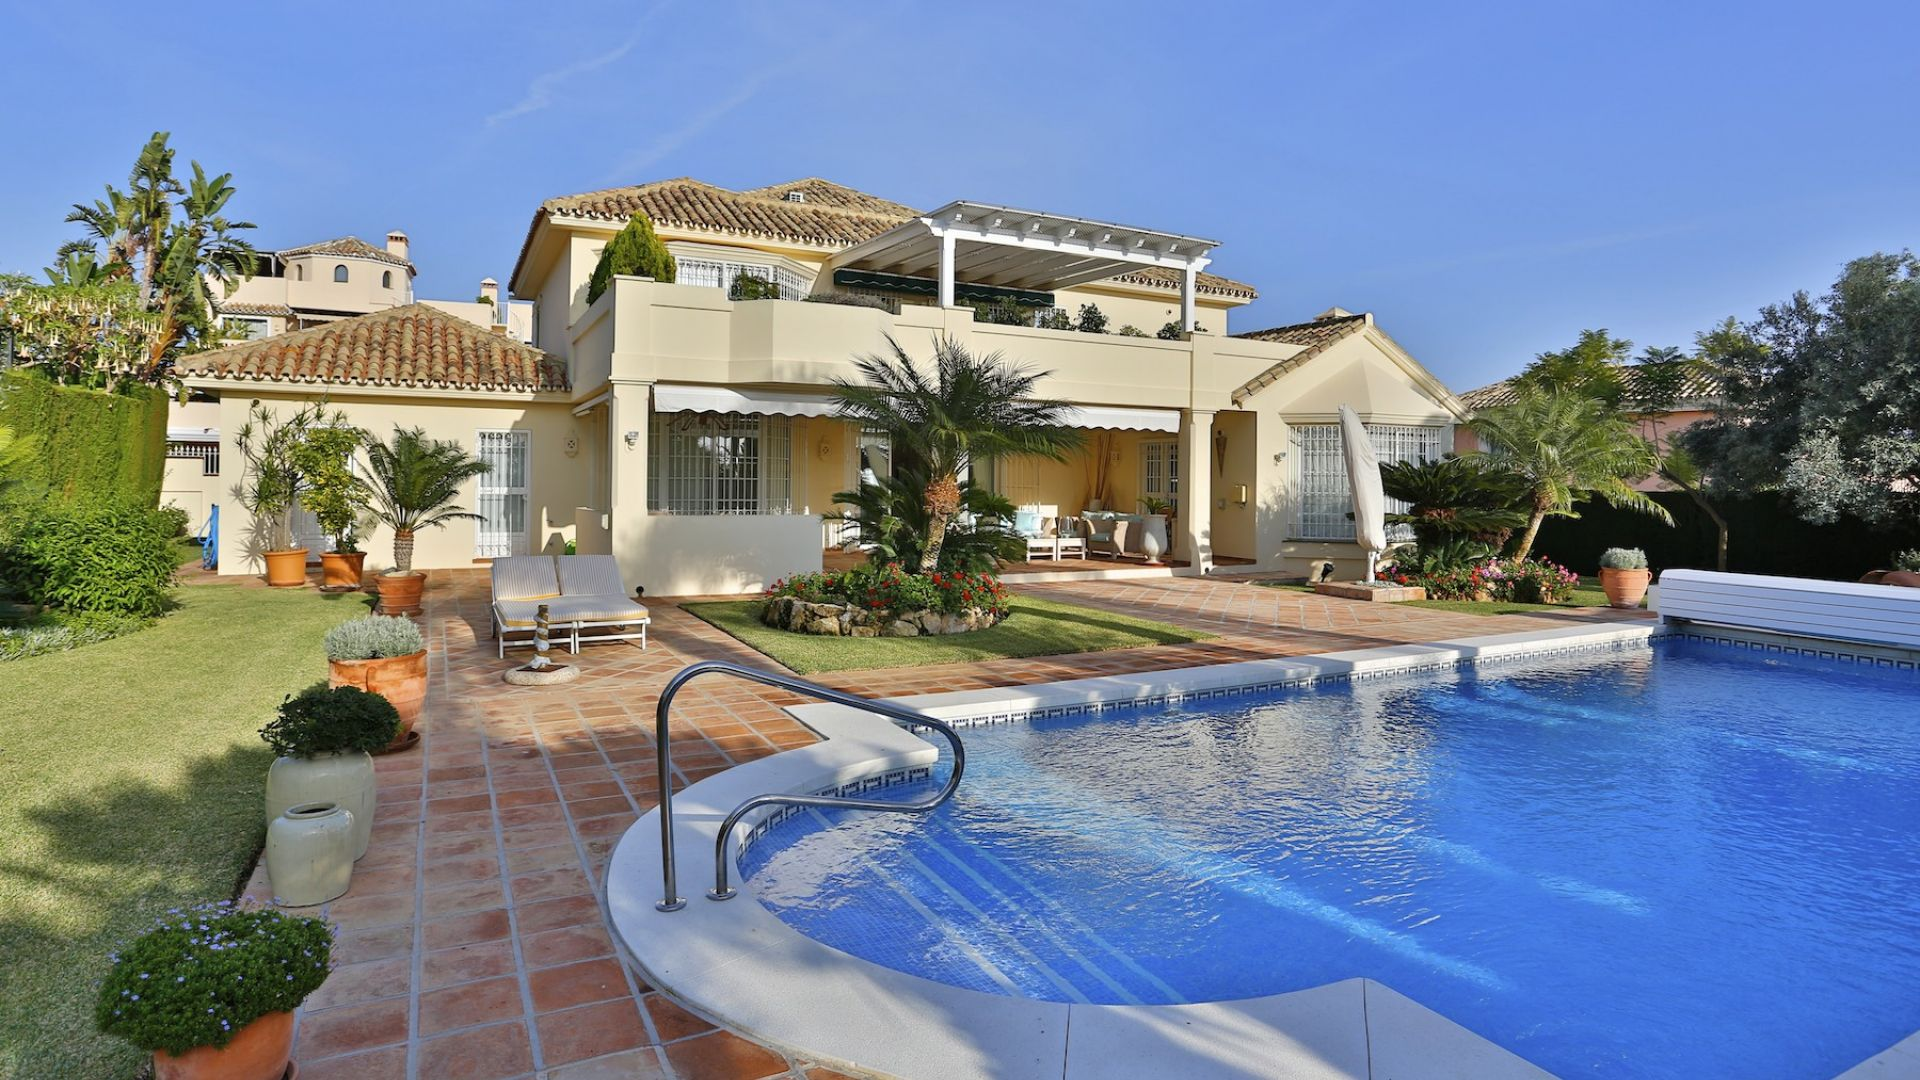 Moradia para Venda às Impeccable villa with excellent qualities Santa María Golf Marbella, Costa Del Sol 29600 Espanha